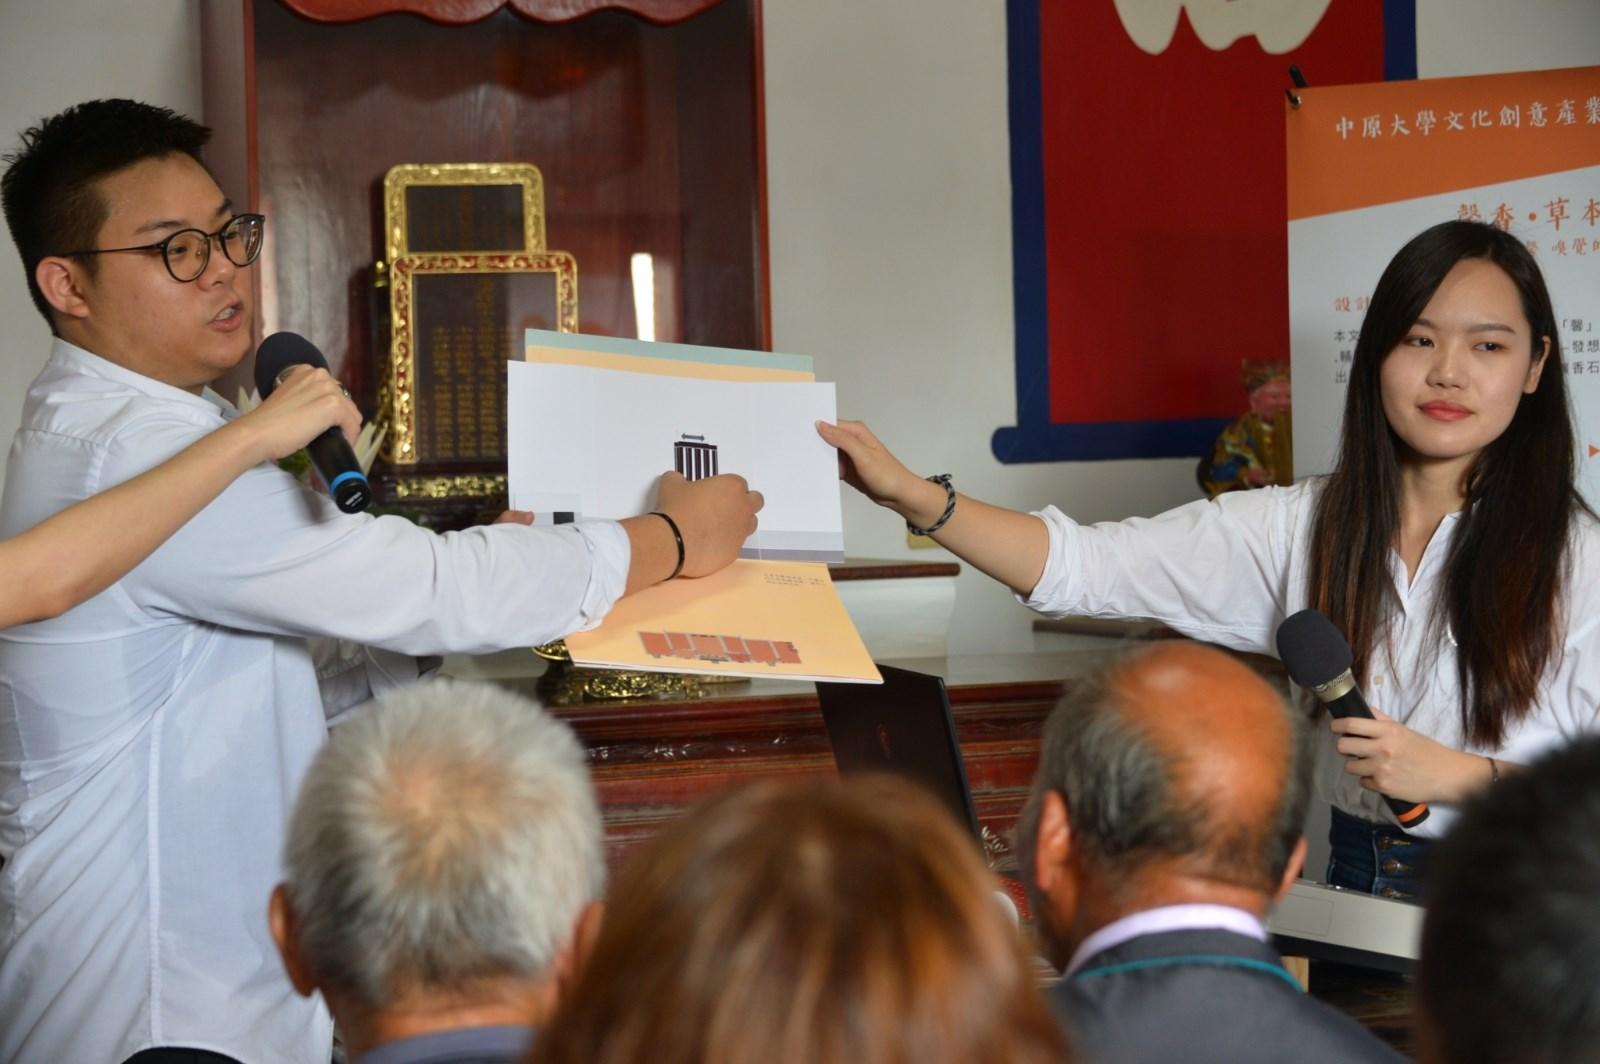 中原大學文創碩一陳依紋(右)等人設計立體書及拼圖,呈現德馨堂的建築特色.jpg